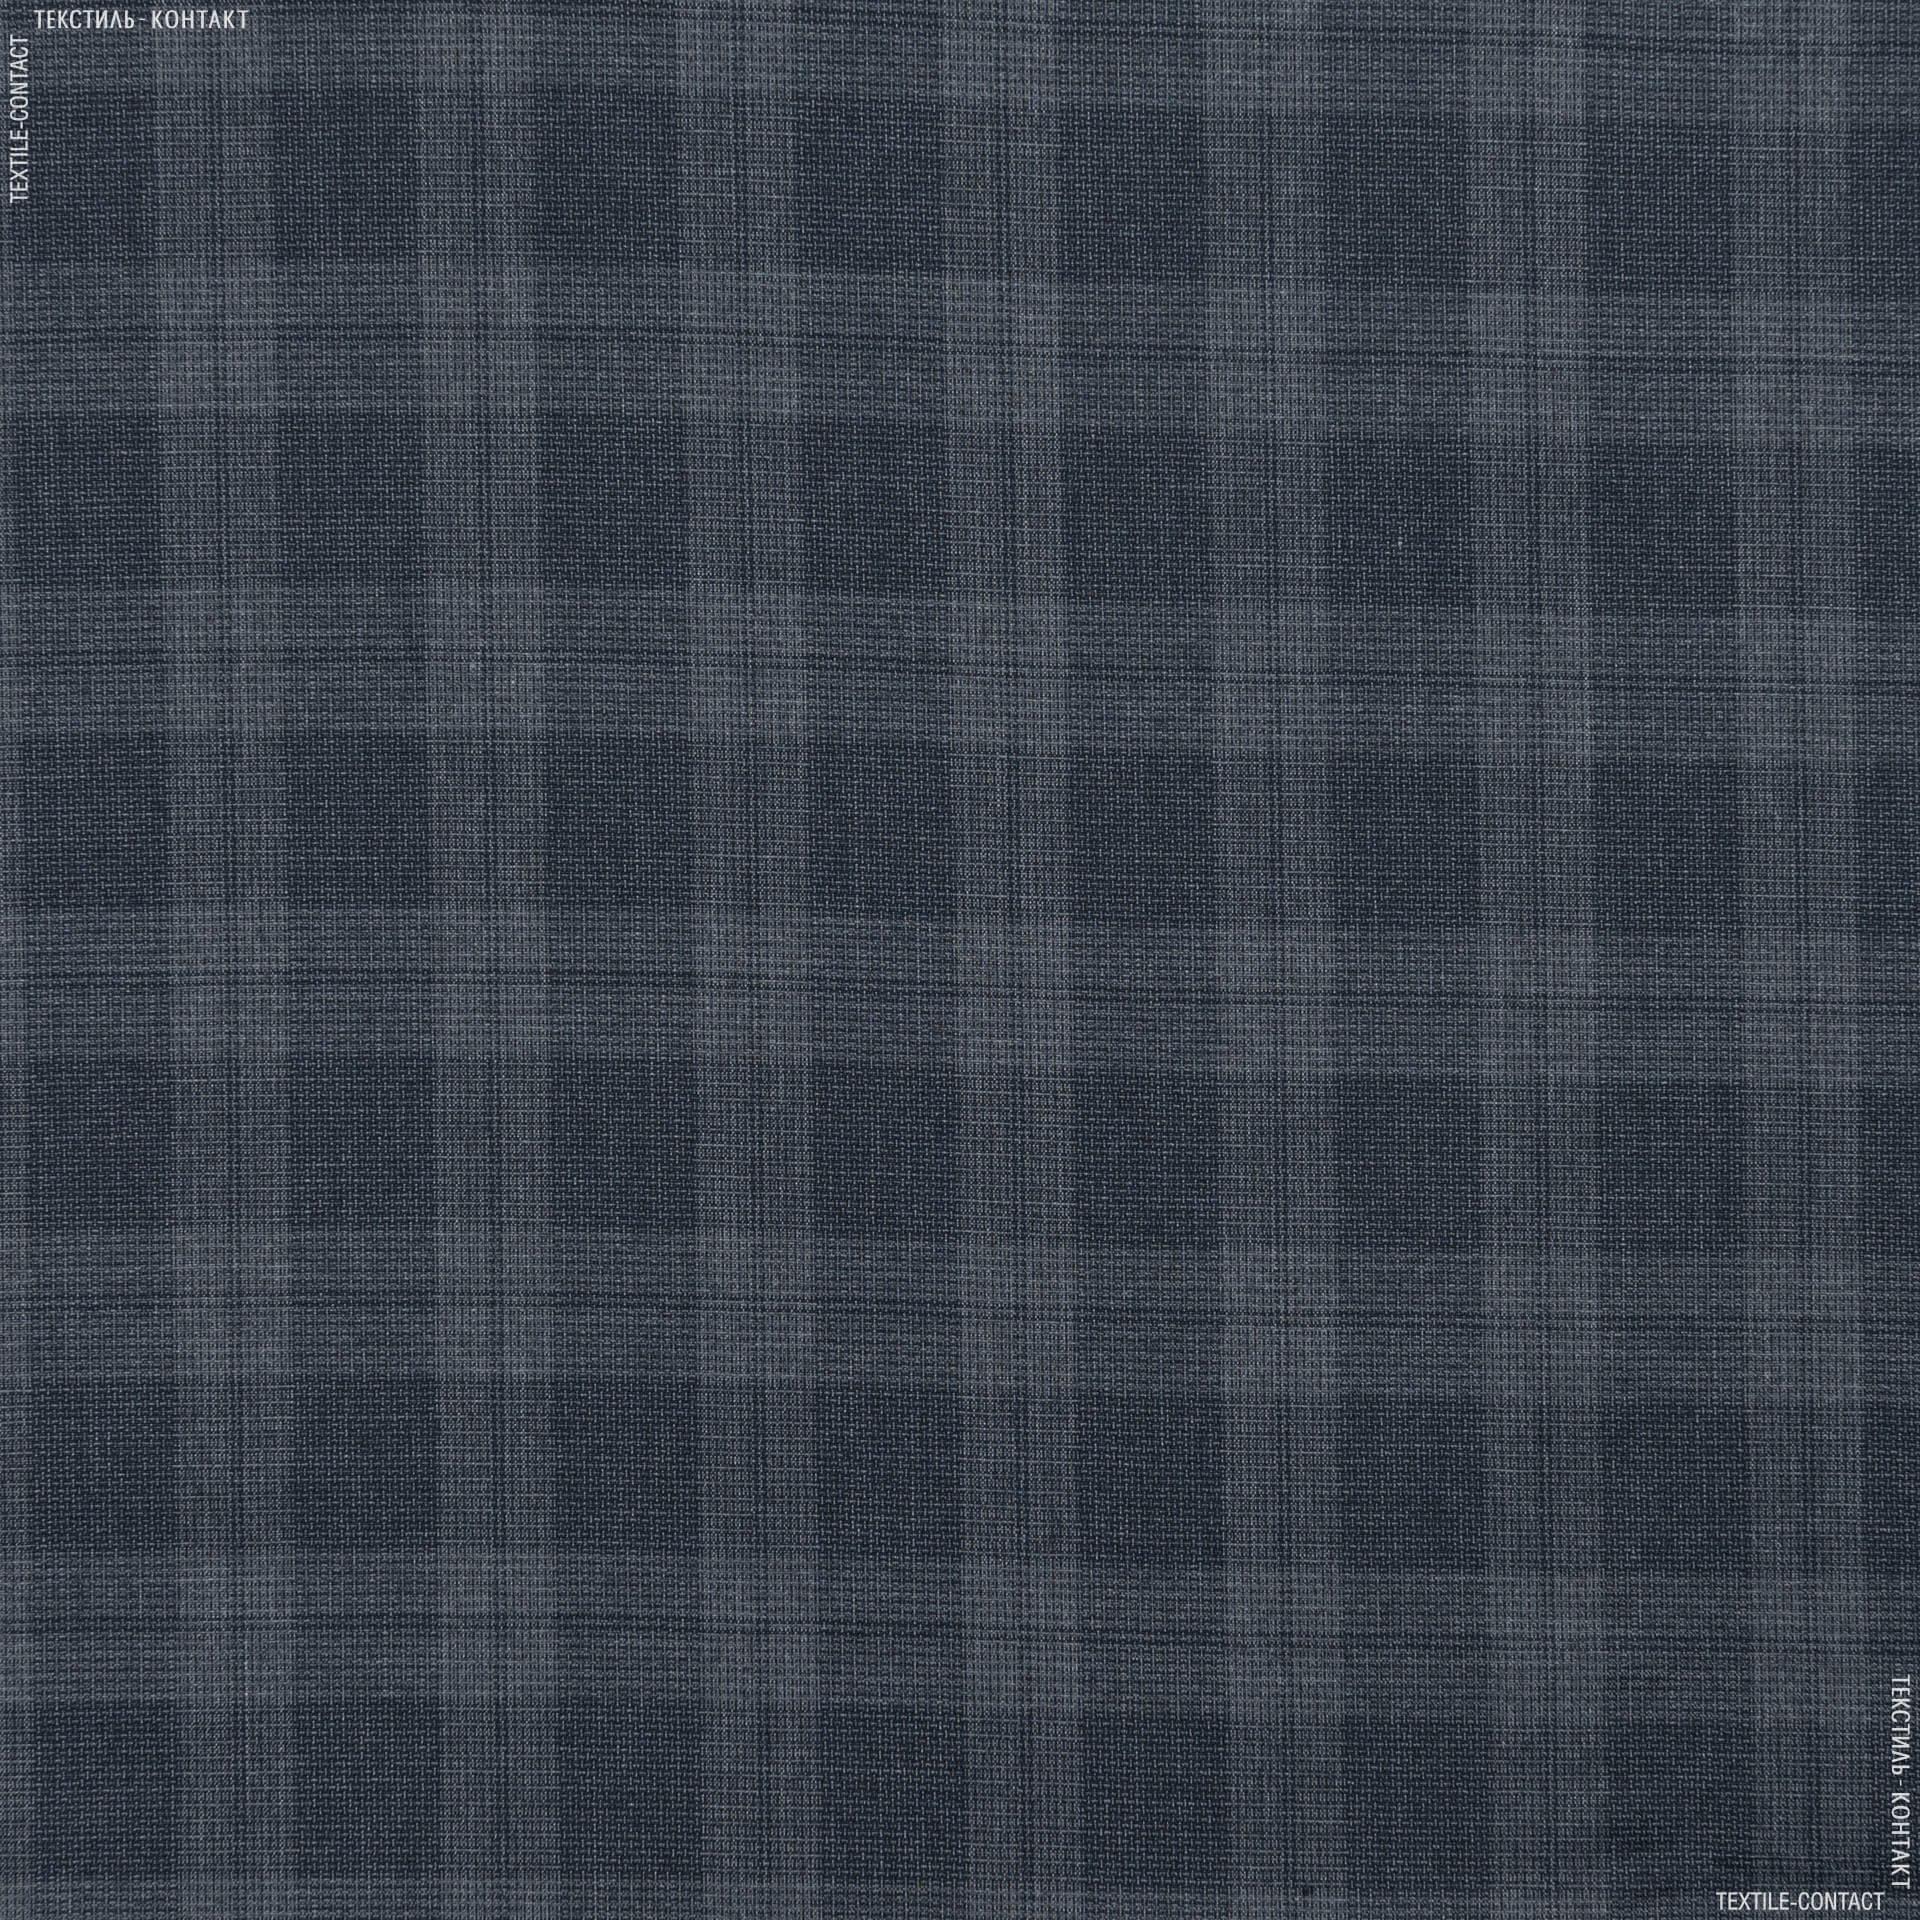 Ткани для костюмов - Костюмная вискоза